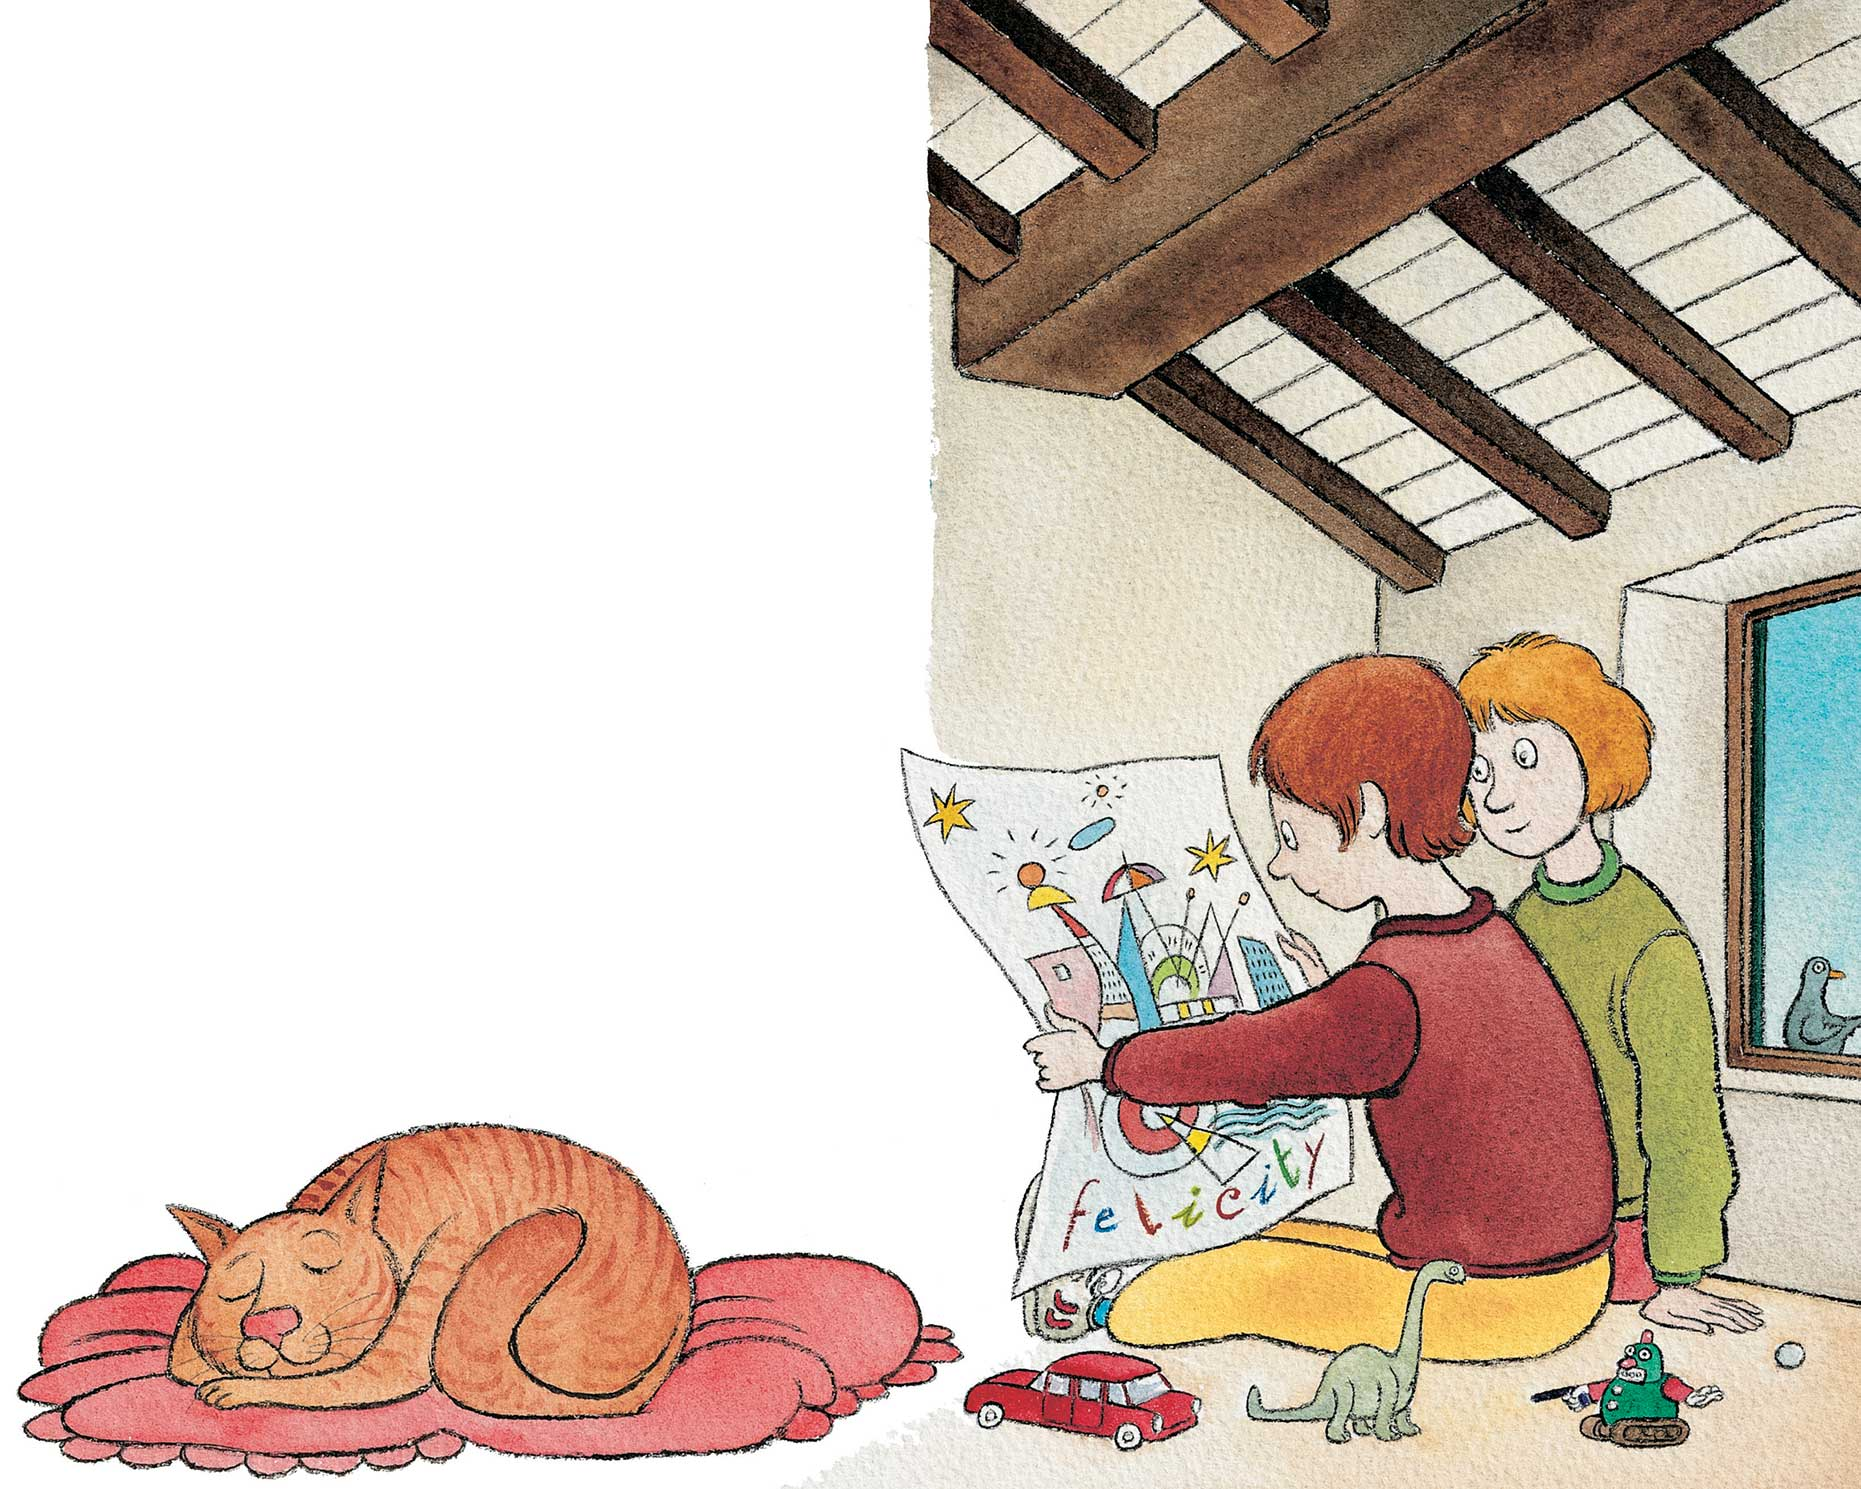 Roberto Piumini, I Cici, libro per bambini illustrato da Cecco Mariniello, Interlinea edizioni